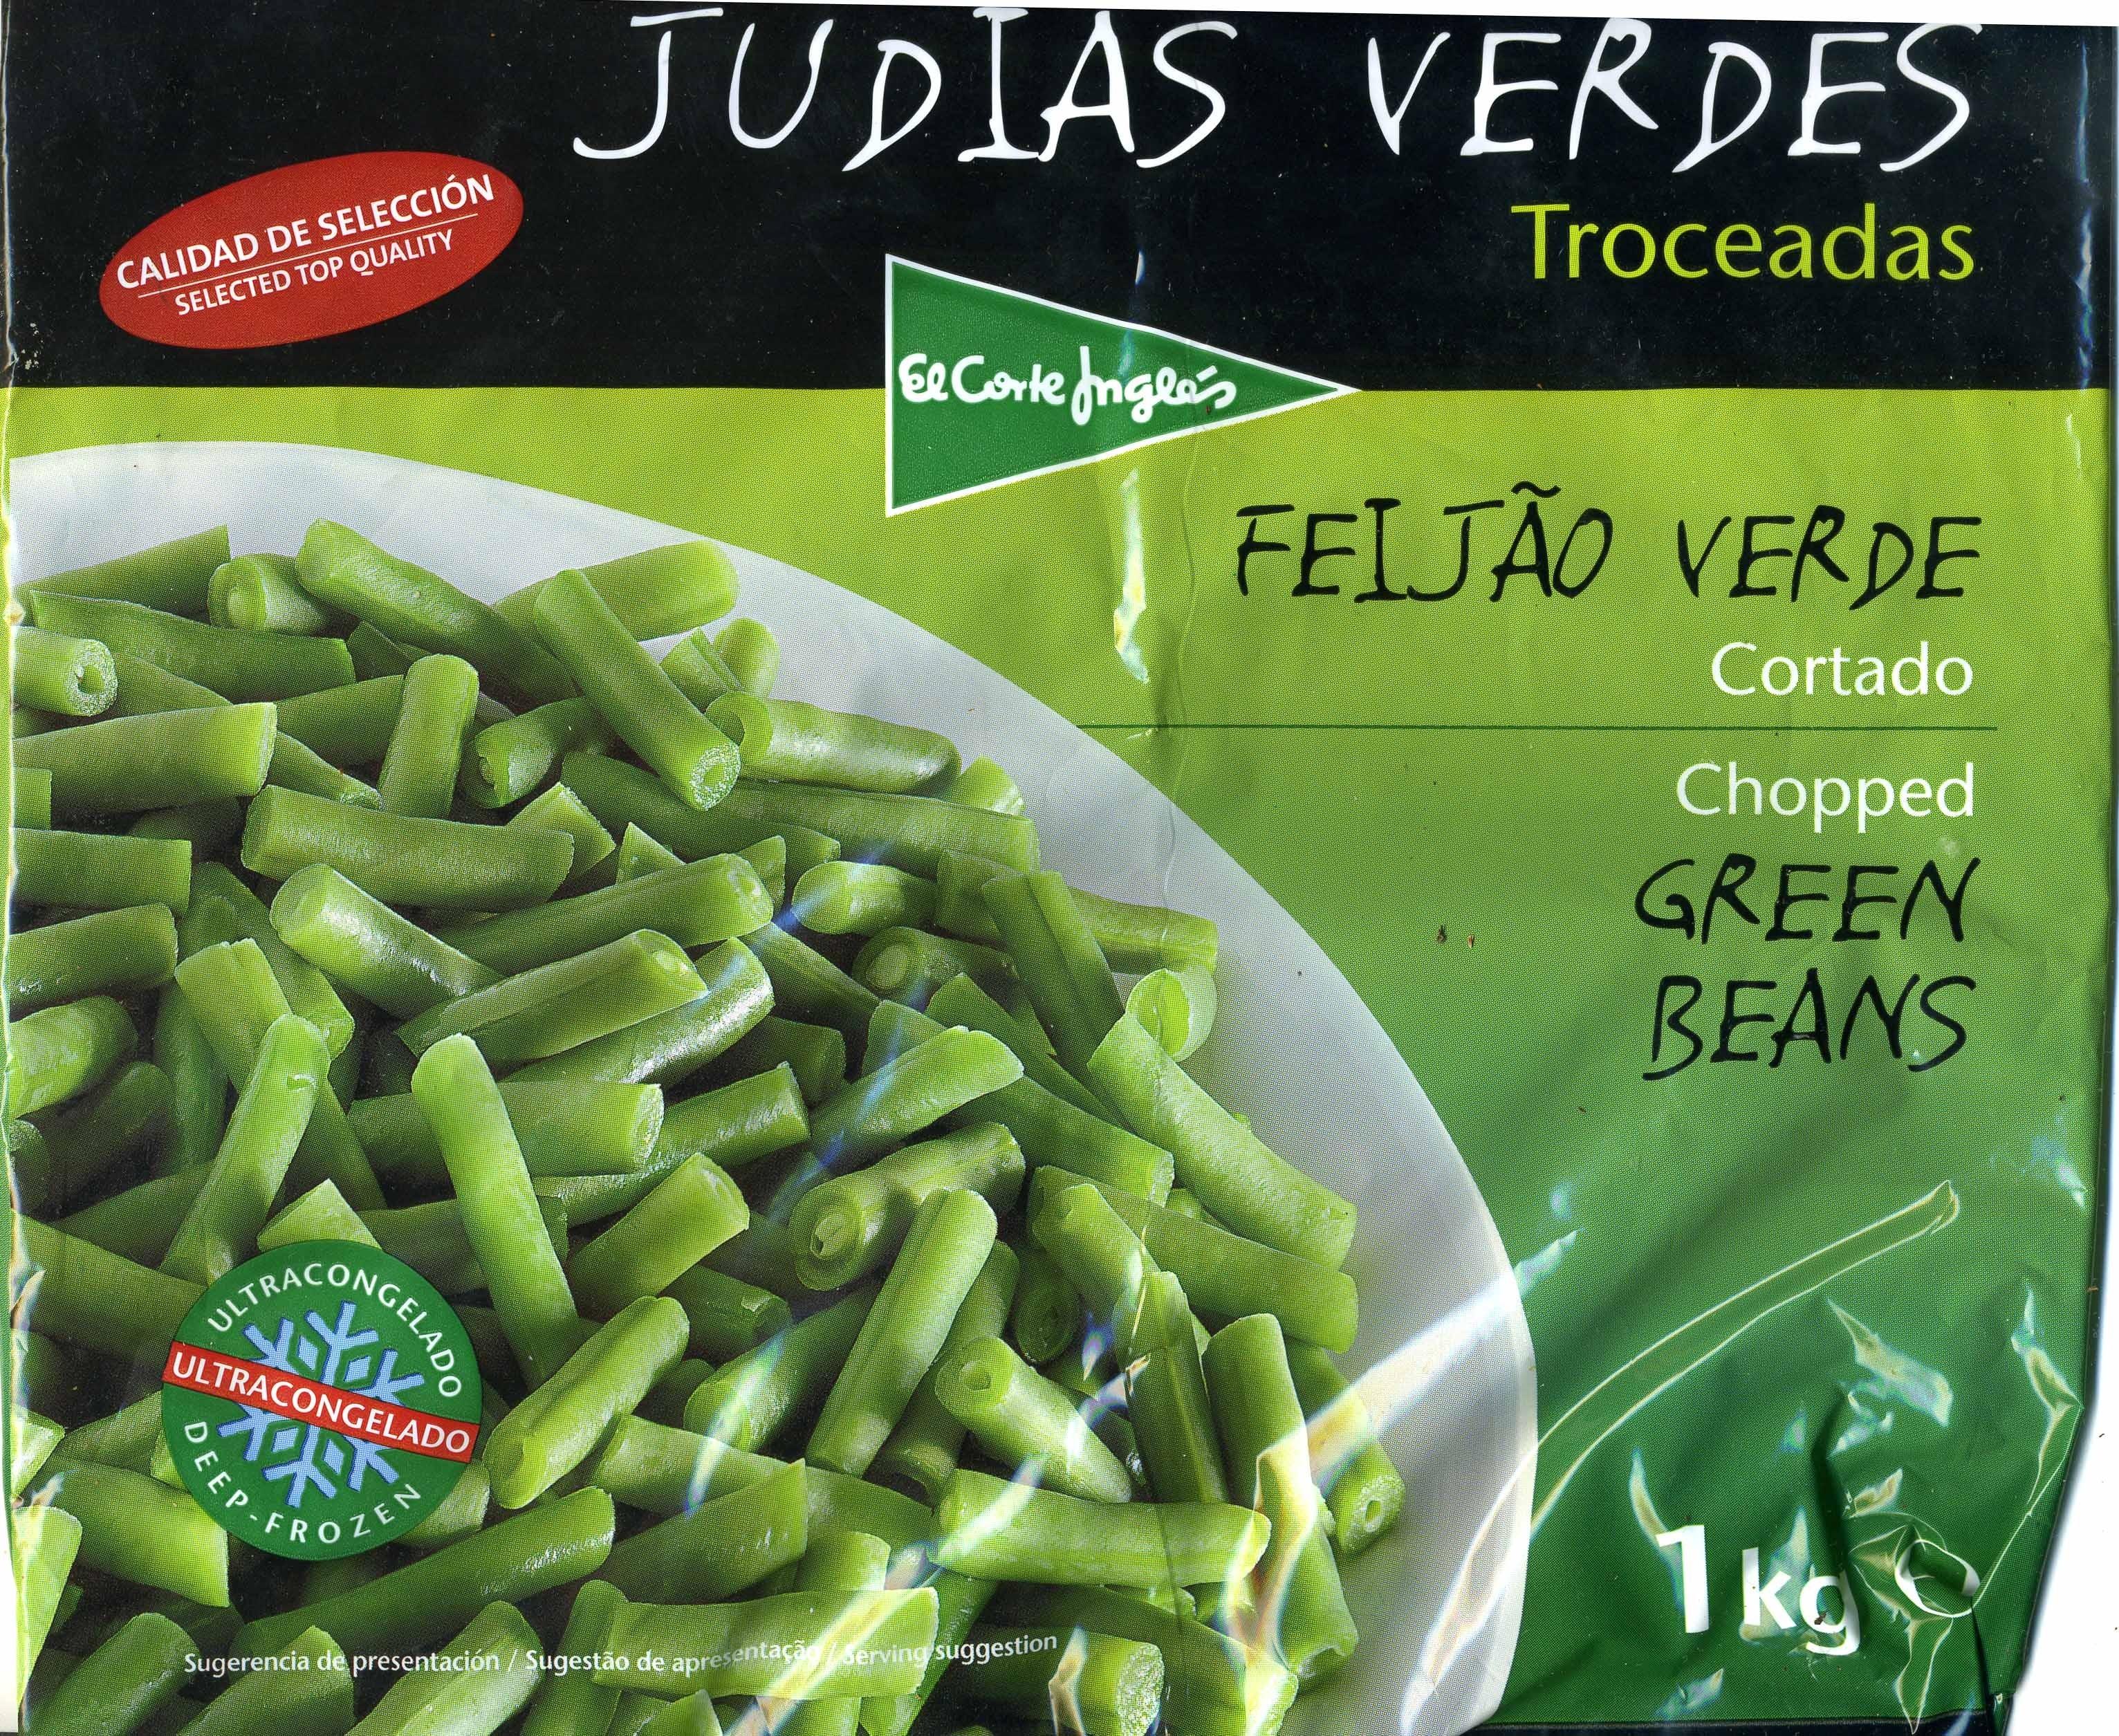 """Judías verdes redondas troceadas congeladas """"El Corte Inglés"""" - Product - es"""